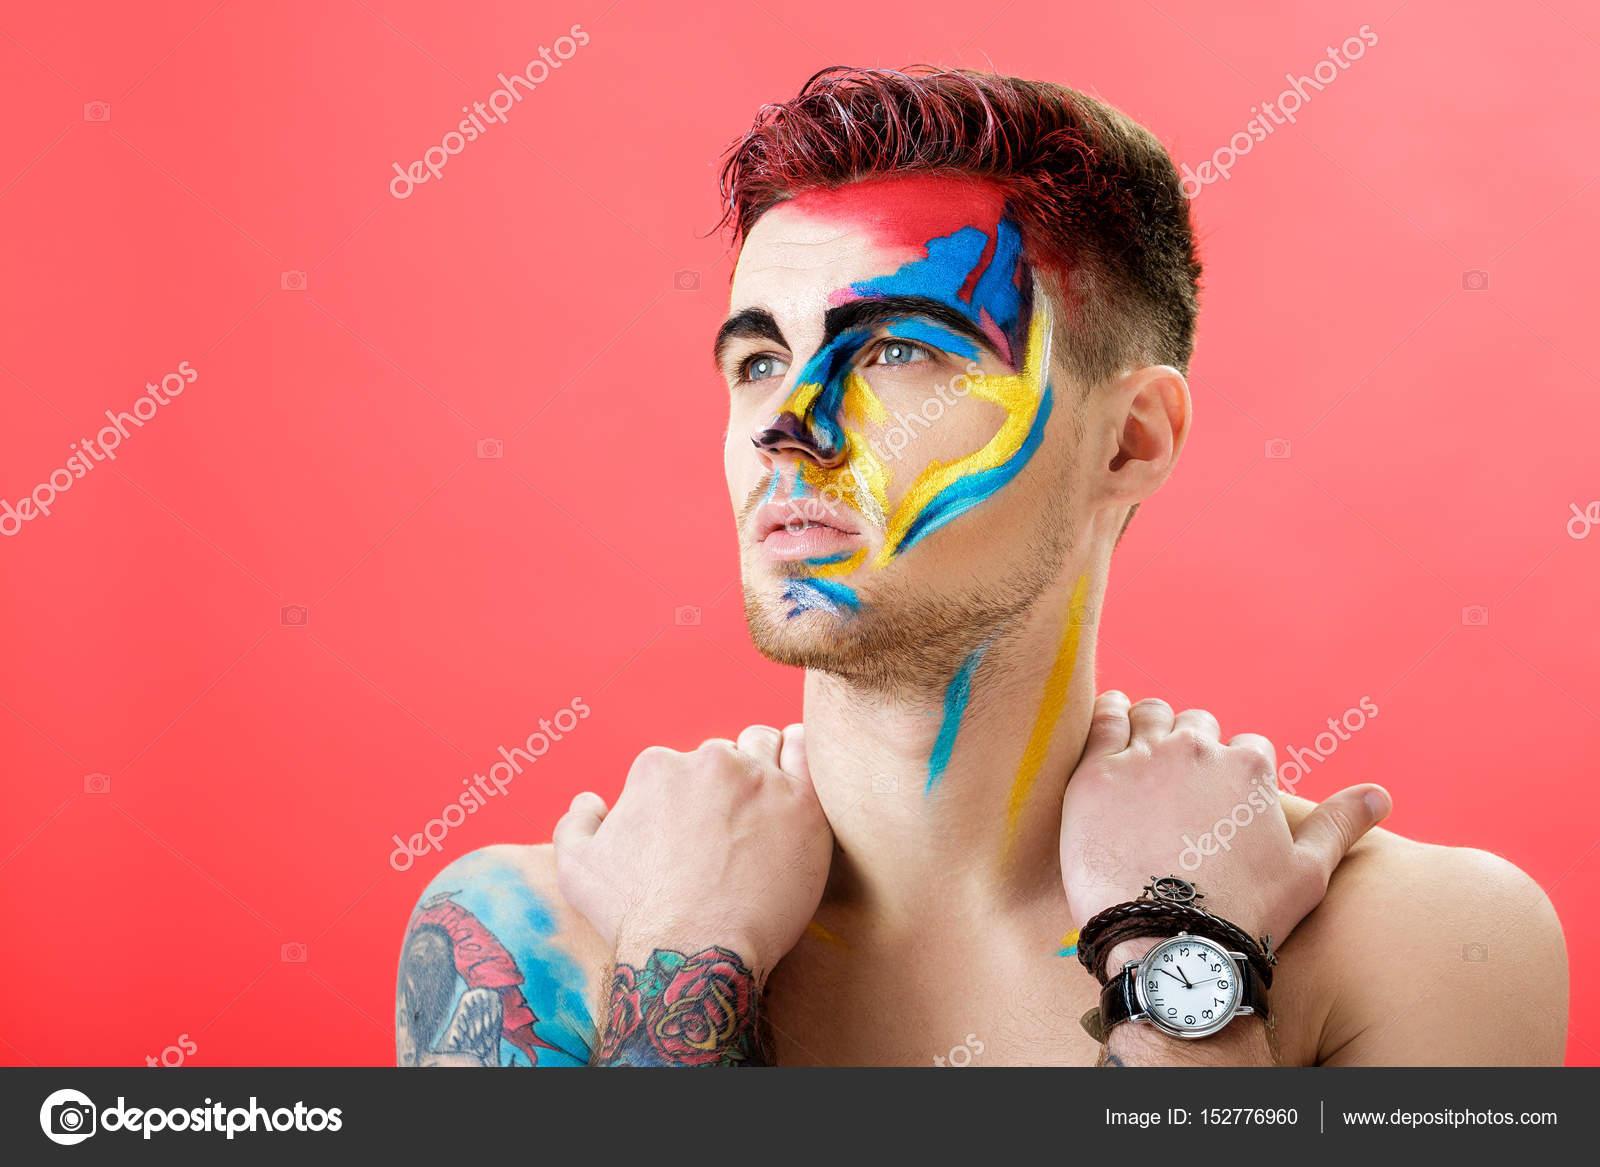 Kırmızı Bir Arka Plan üzerinde Renkli Yüz Boyama Ile Genç Adam